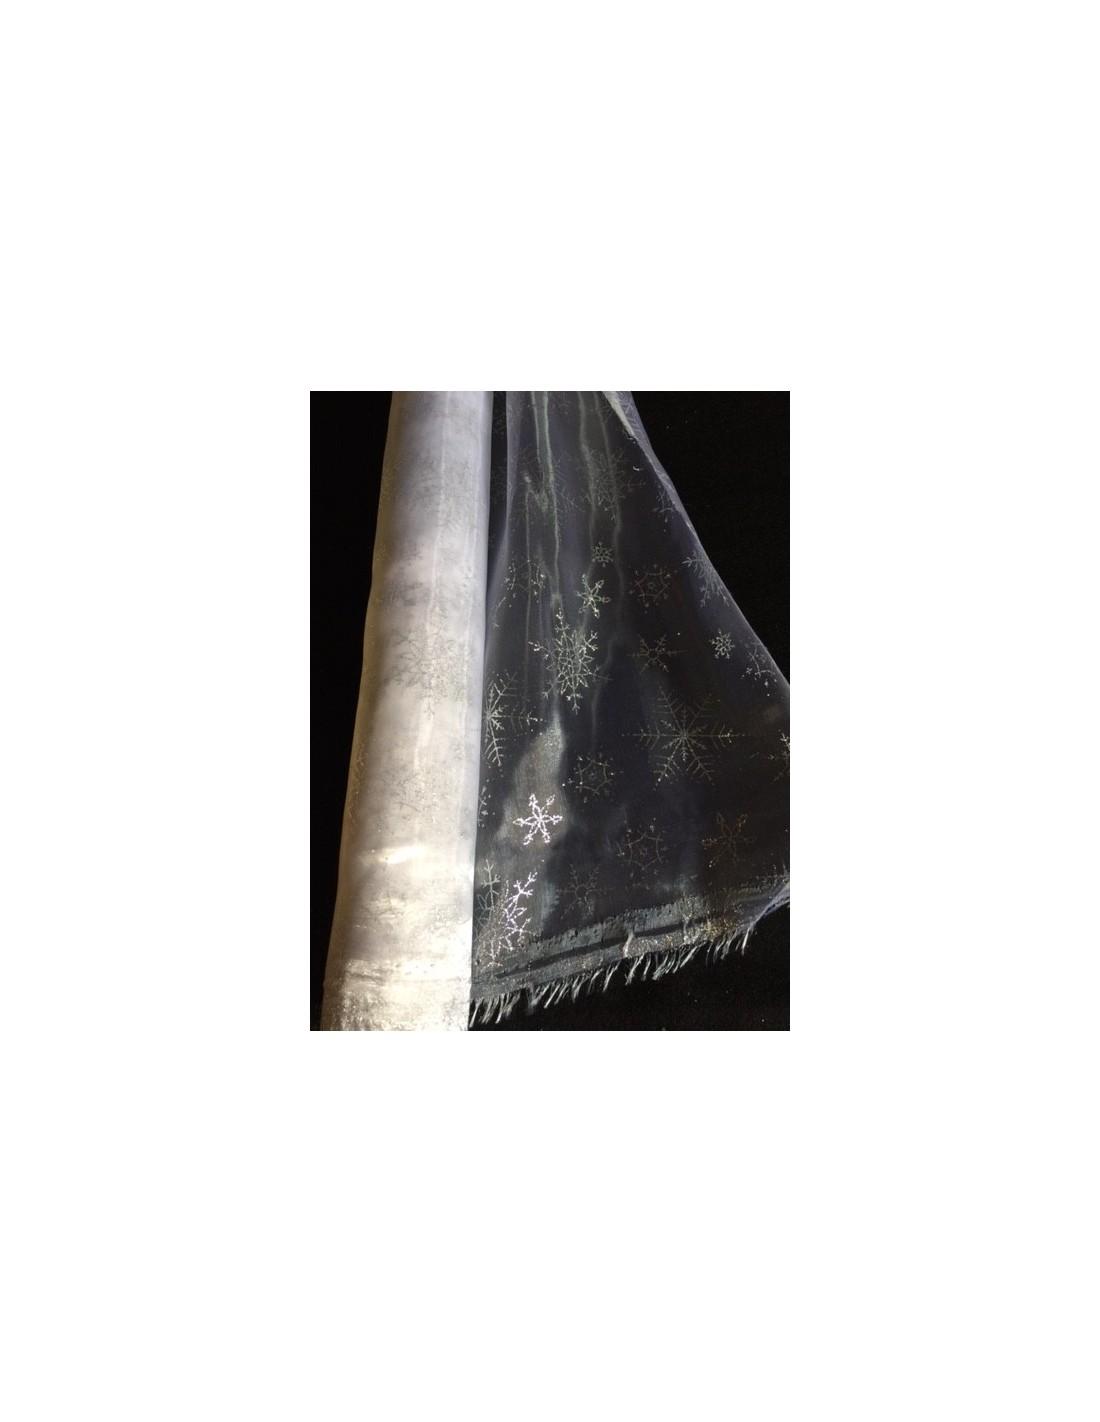 organza toiles organza uni organza houx noel chemin de table d coration salle mariage. Black Bedroom Furniture Sets. Home Design Ideas